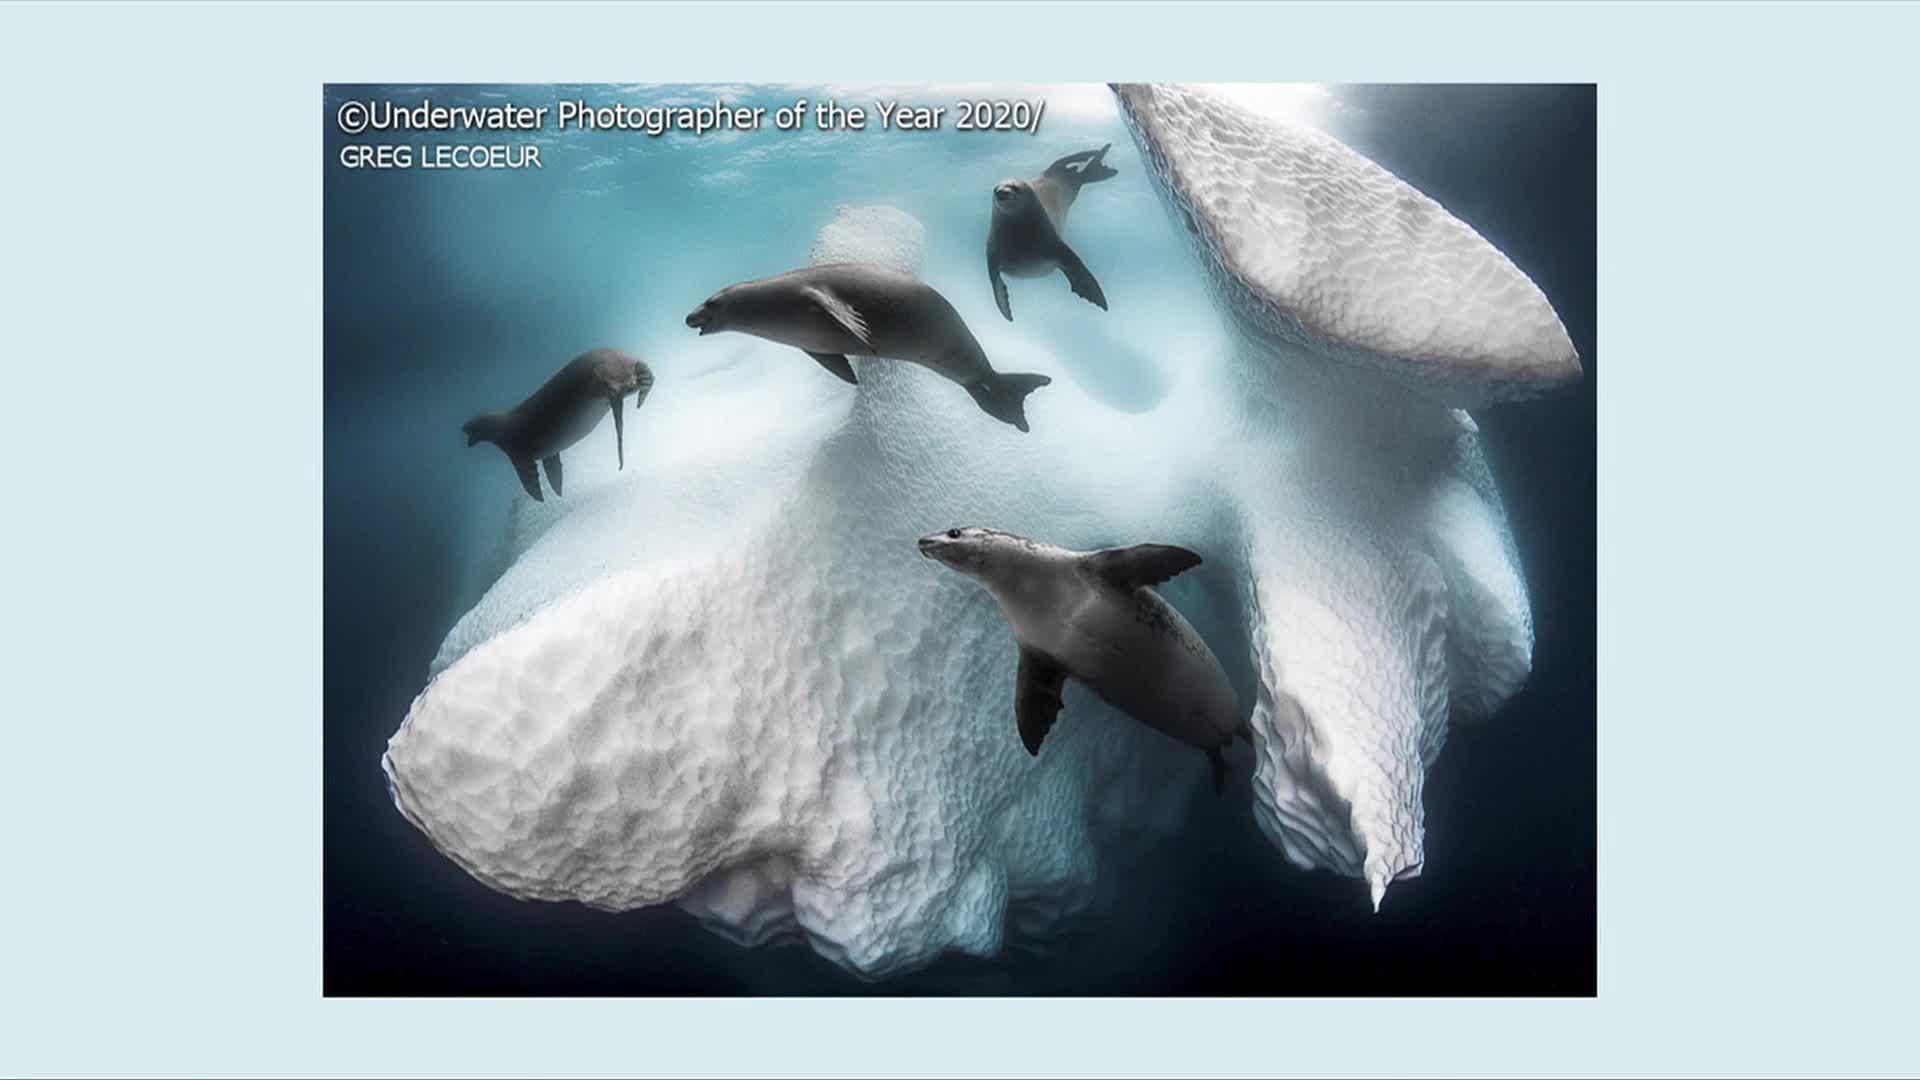 Foto: presentan ganadores del concurso de fotografia submarina en reino unido